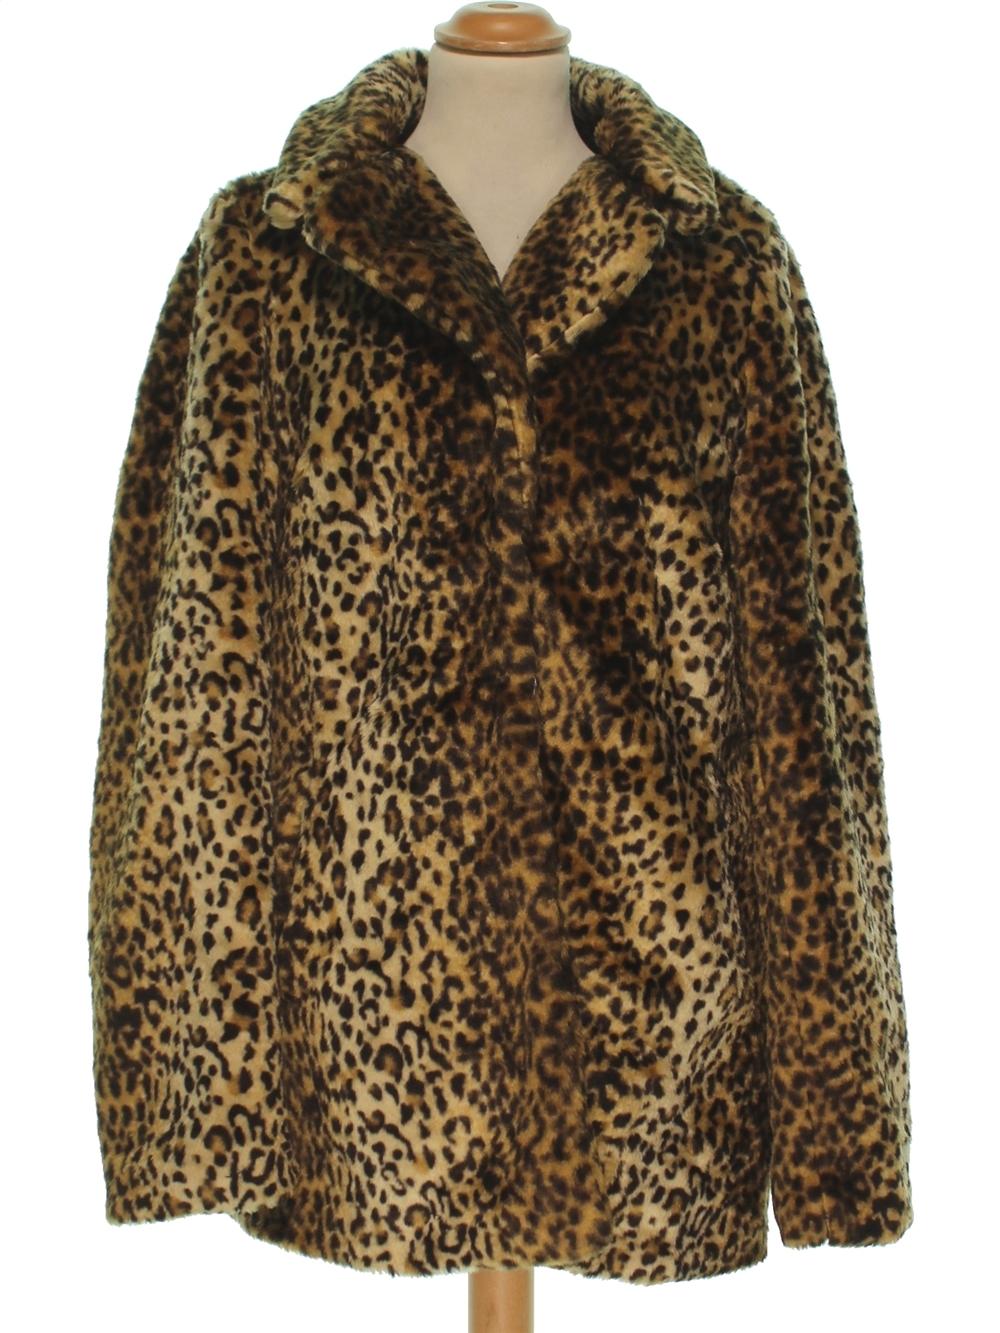 11 Manteau T3 Vintage Pas Cher Boutique 50 l 44 Femme 8xw7arqX8